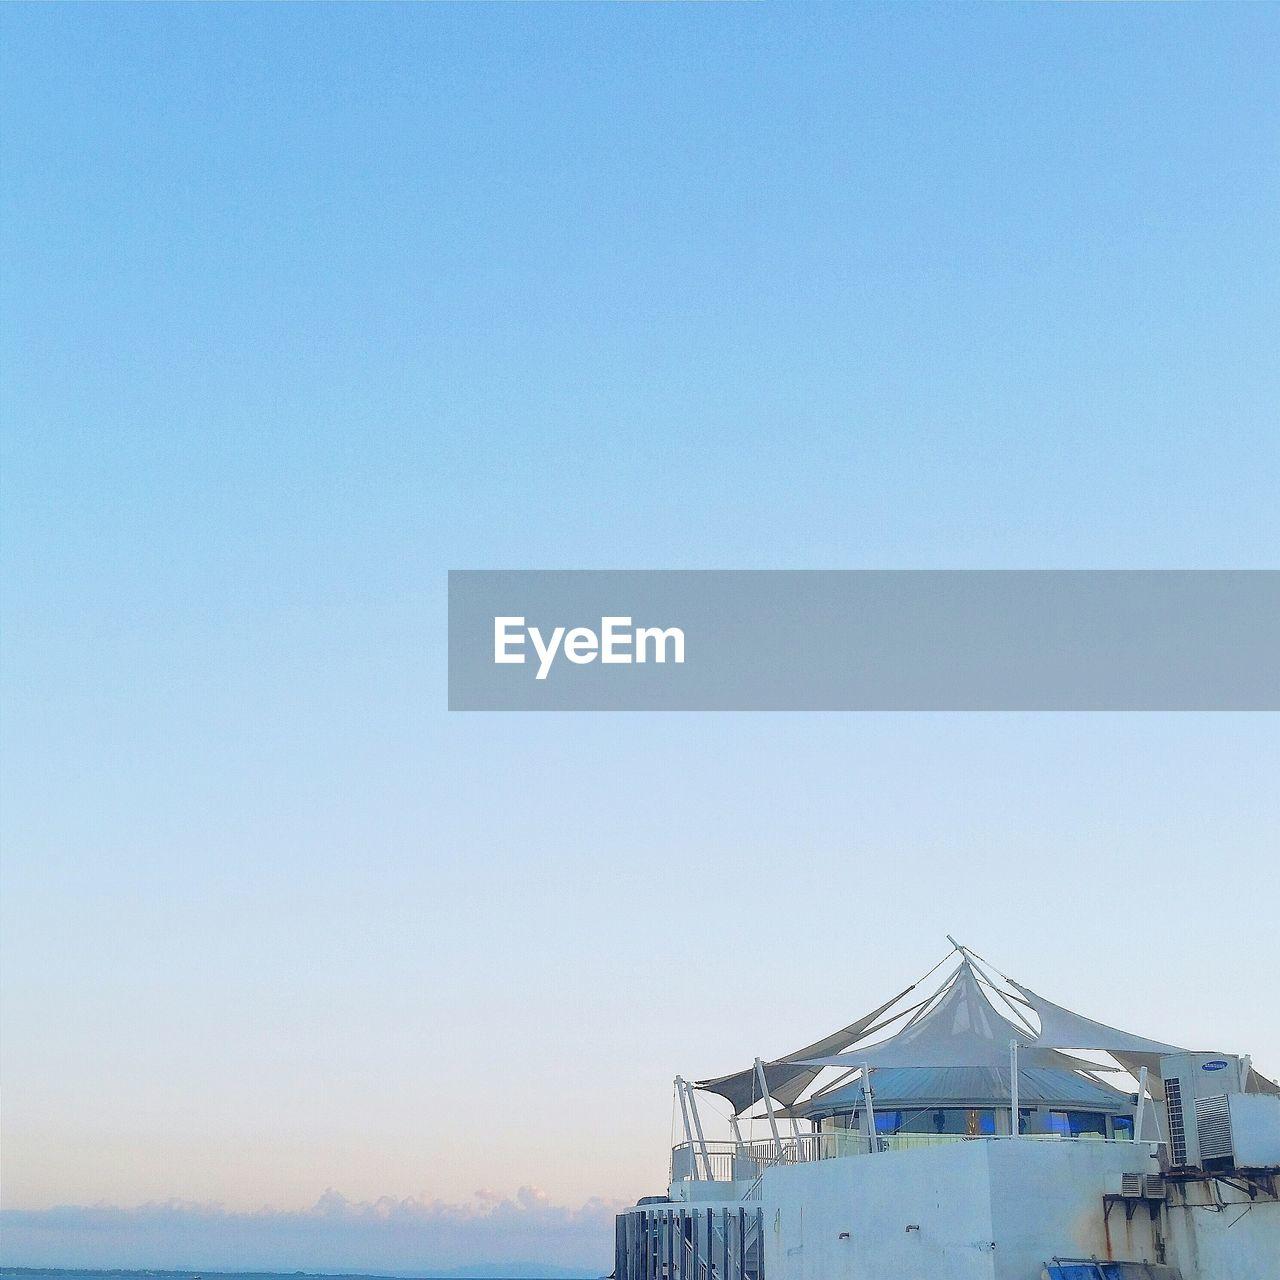 Ibiza beach club against clear blue sky